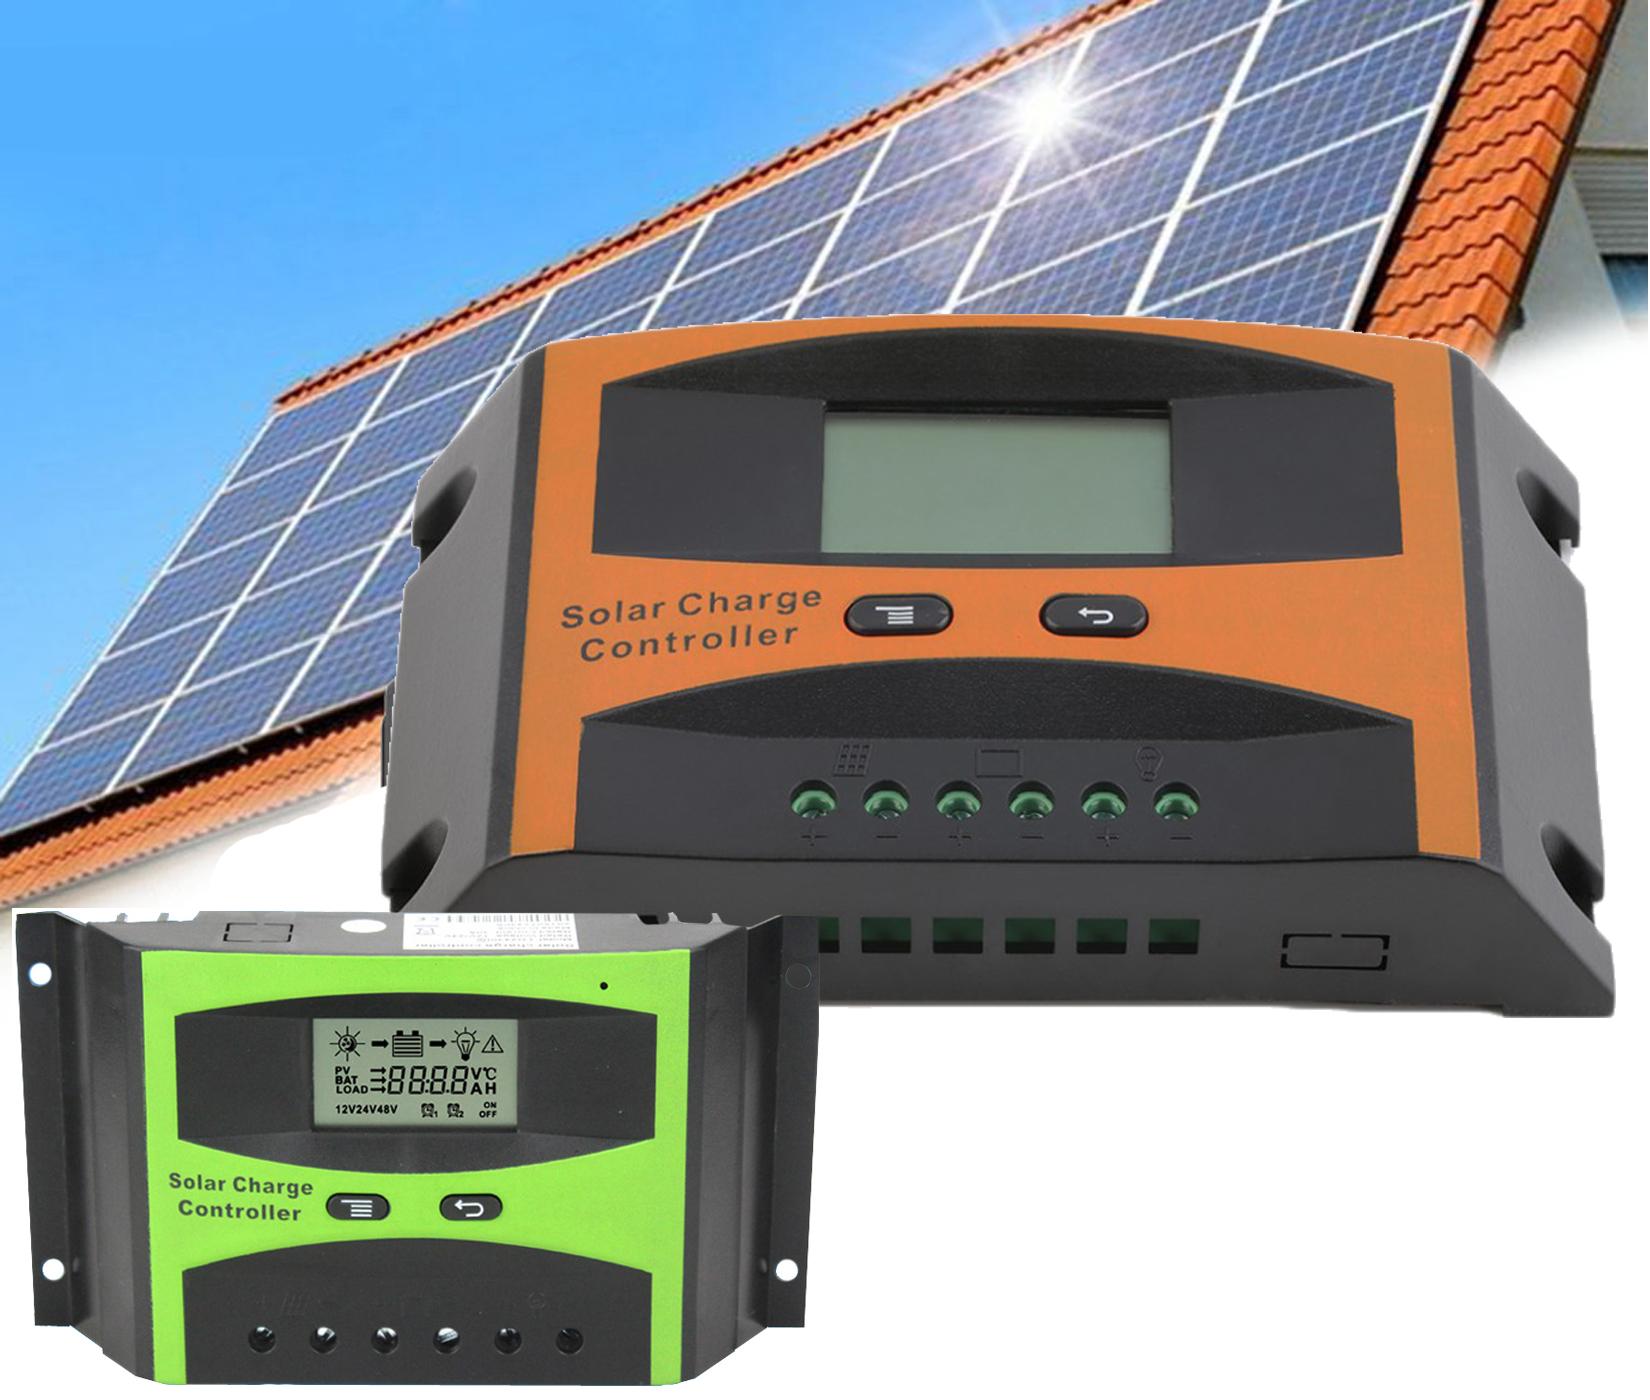 Regolatore Del Pannello Solare : Regolatore di carica per pannello solare v